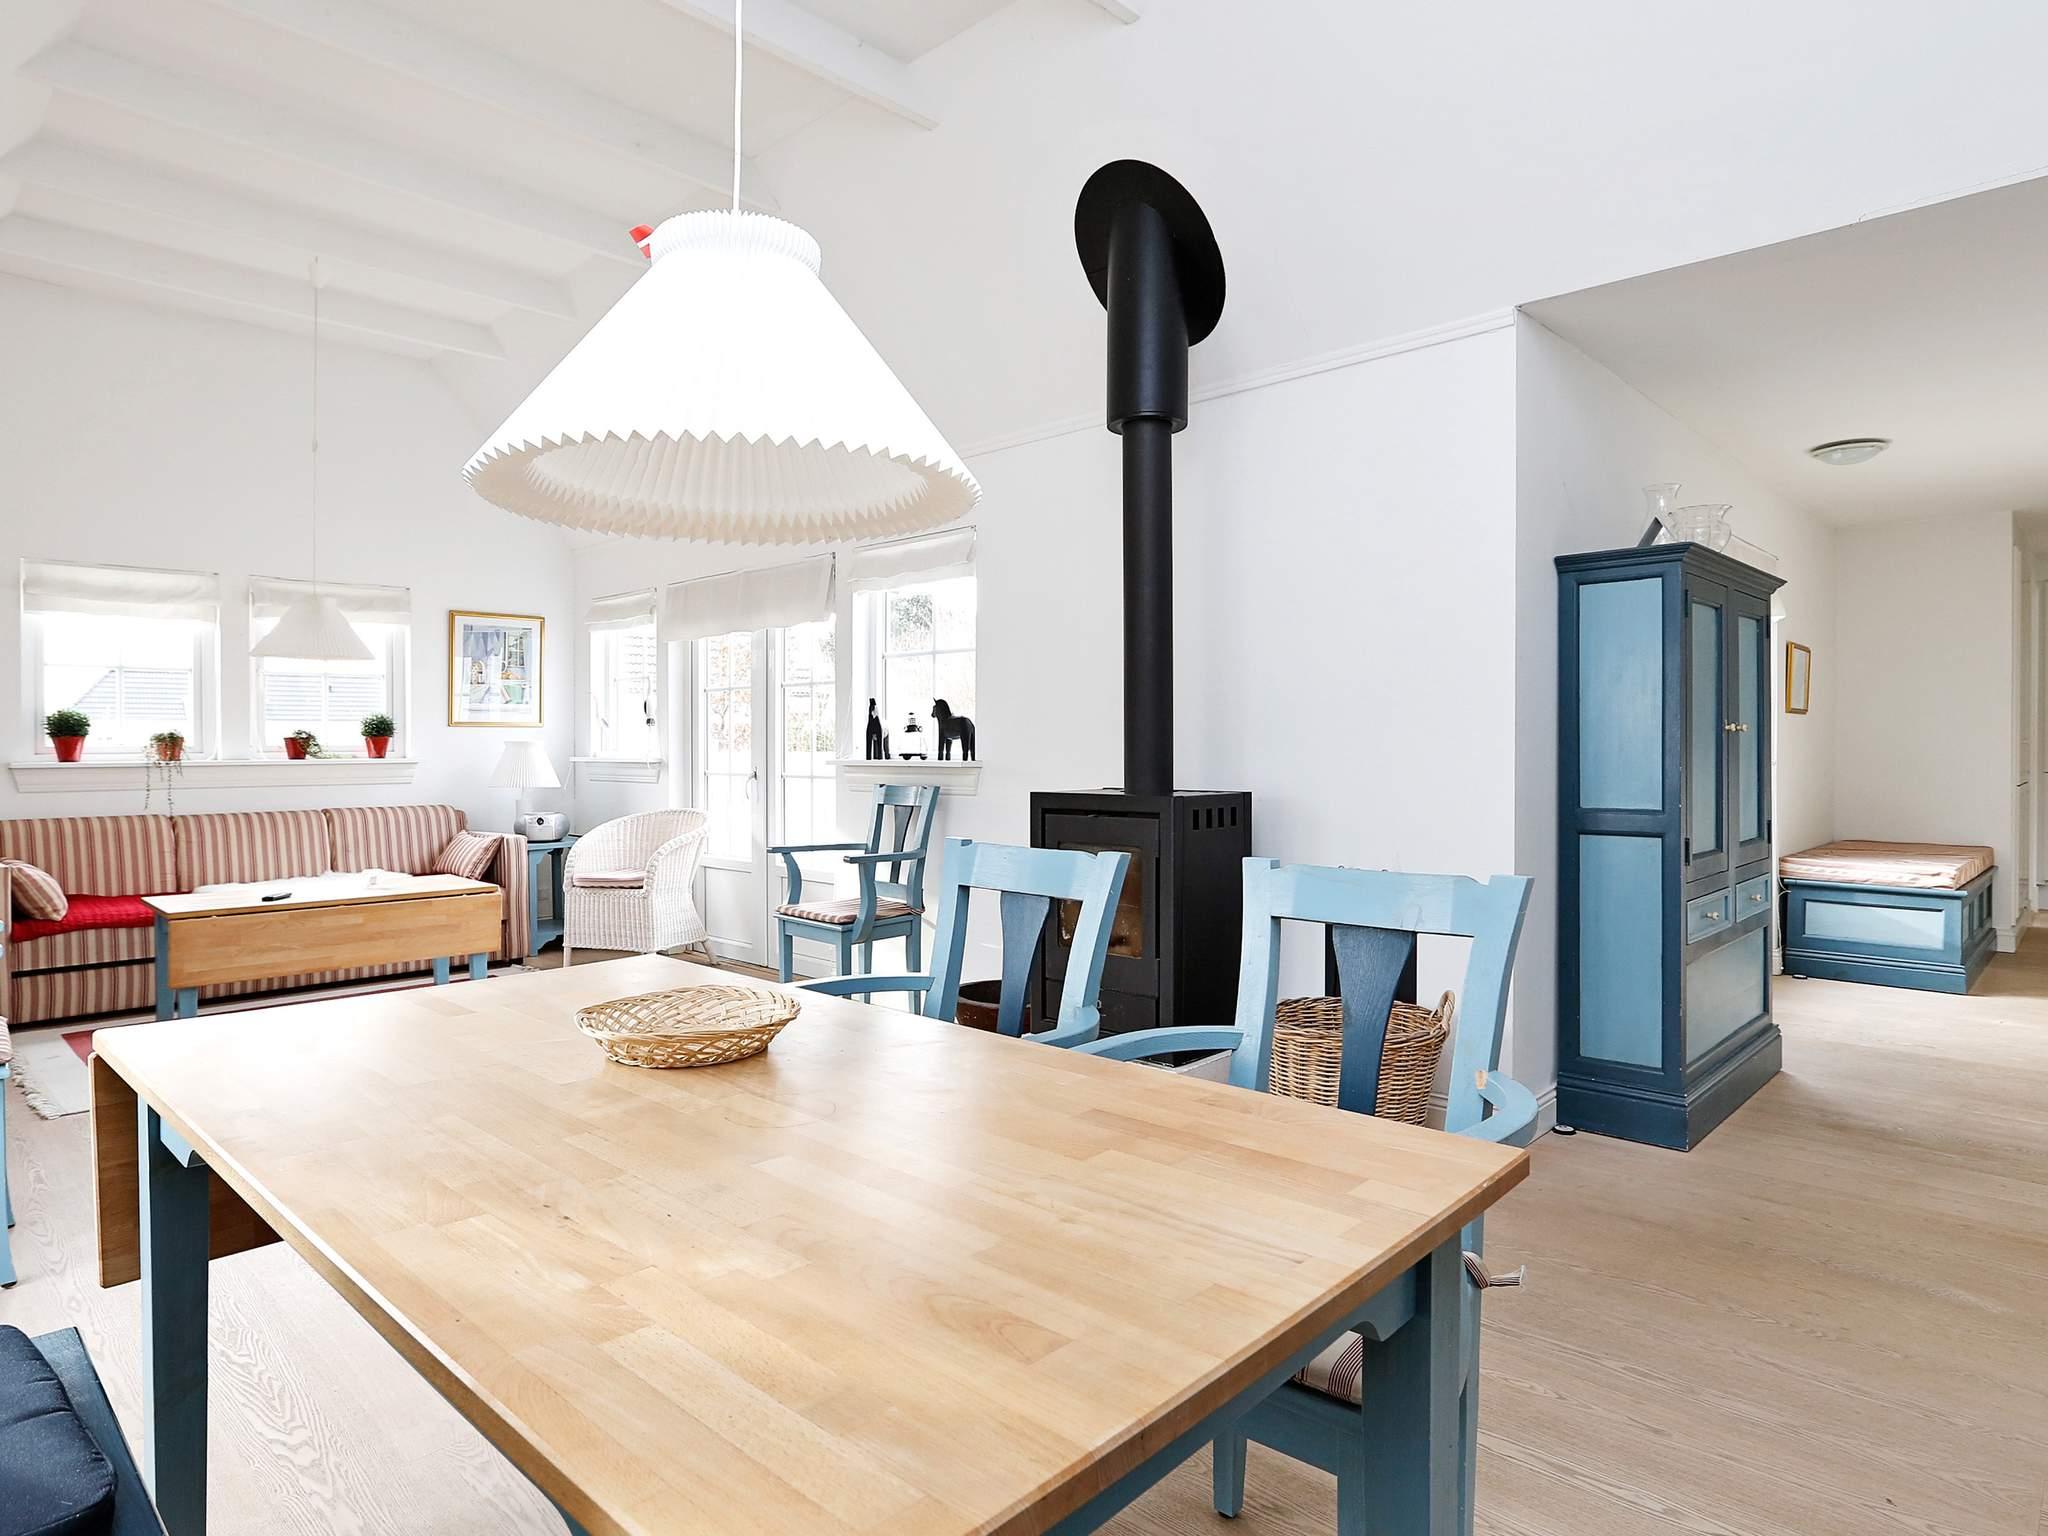 Ferienhaus Tisvildelund (493457), Vejby, , Nordseeland, Dänemark, Bild 6